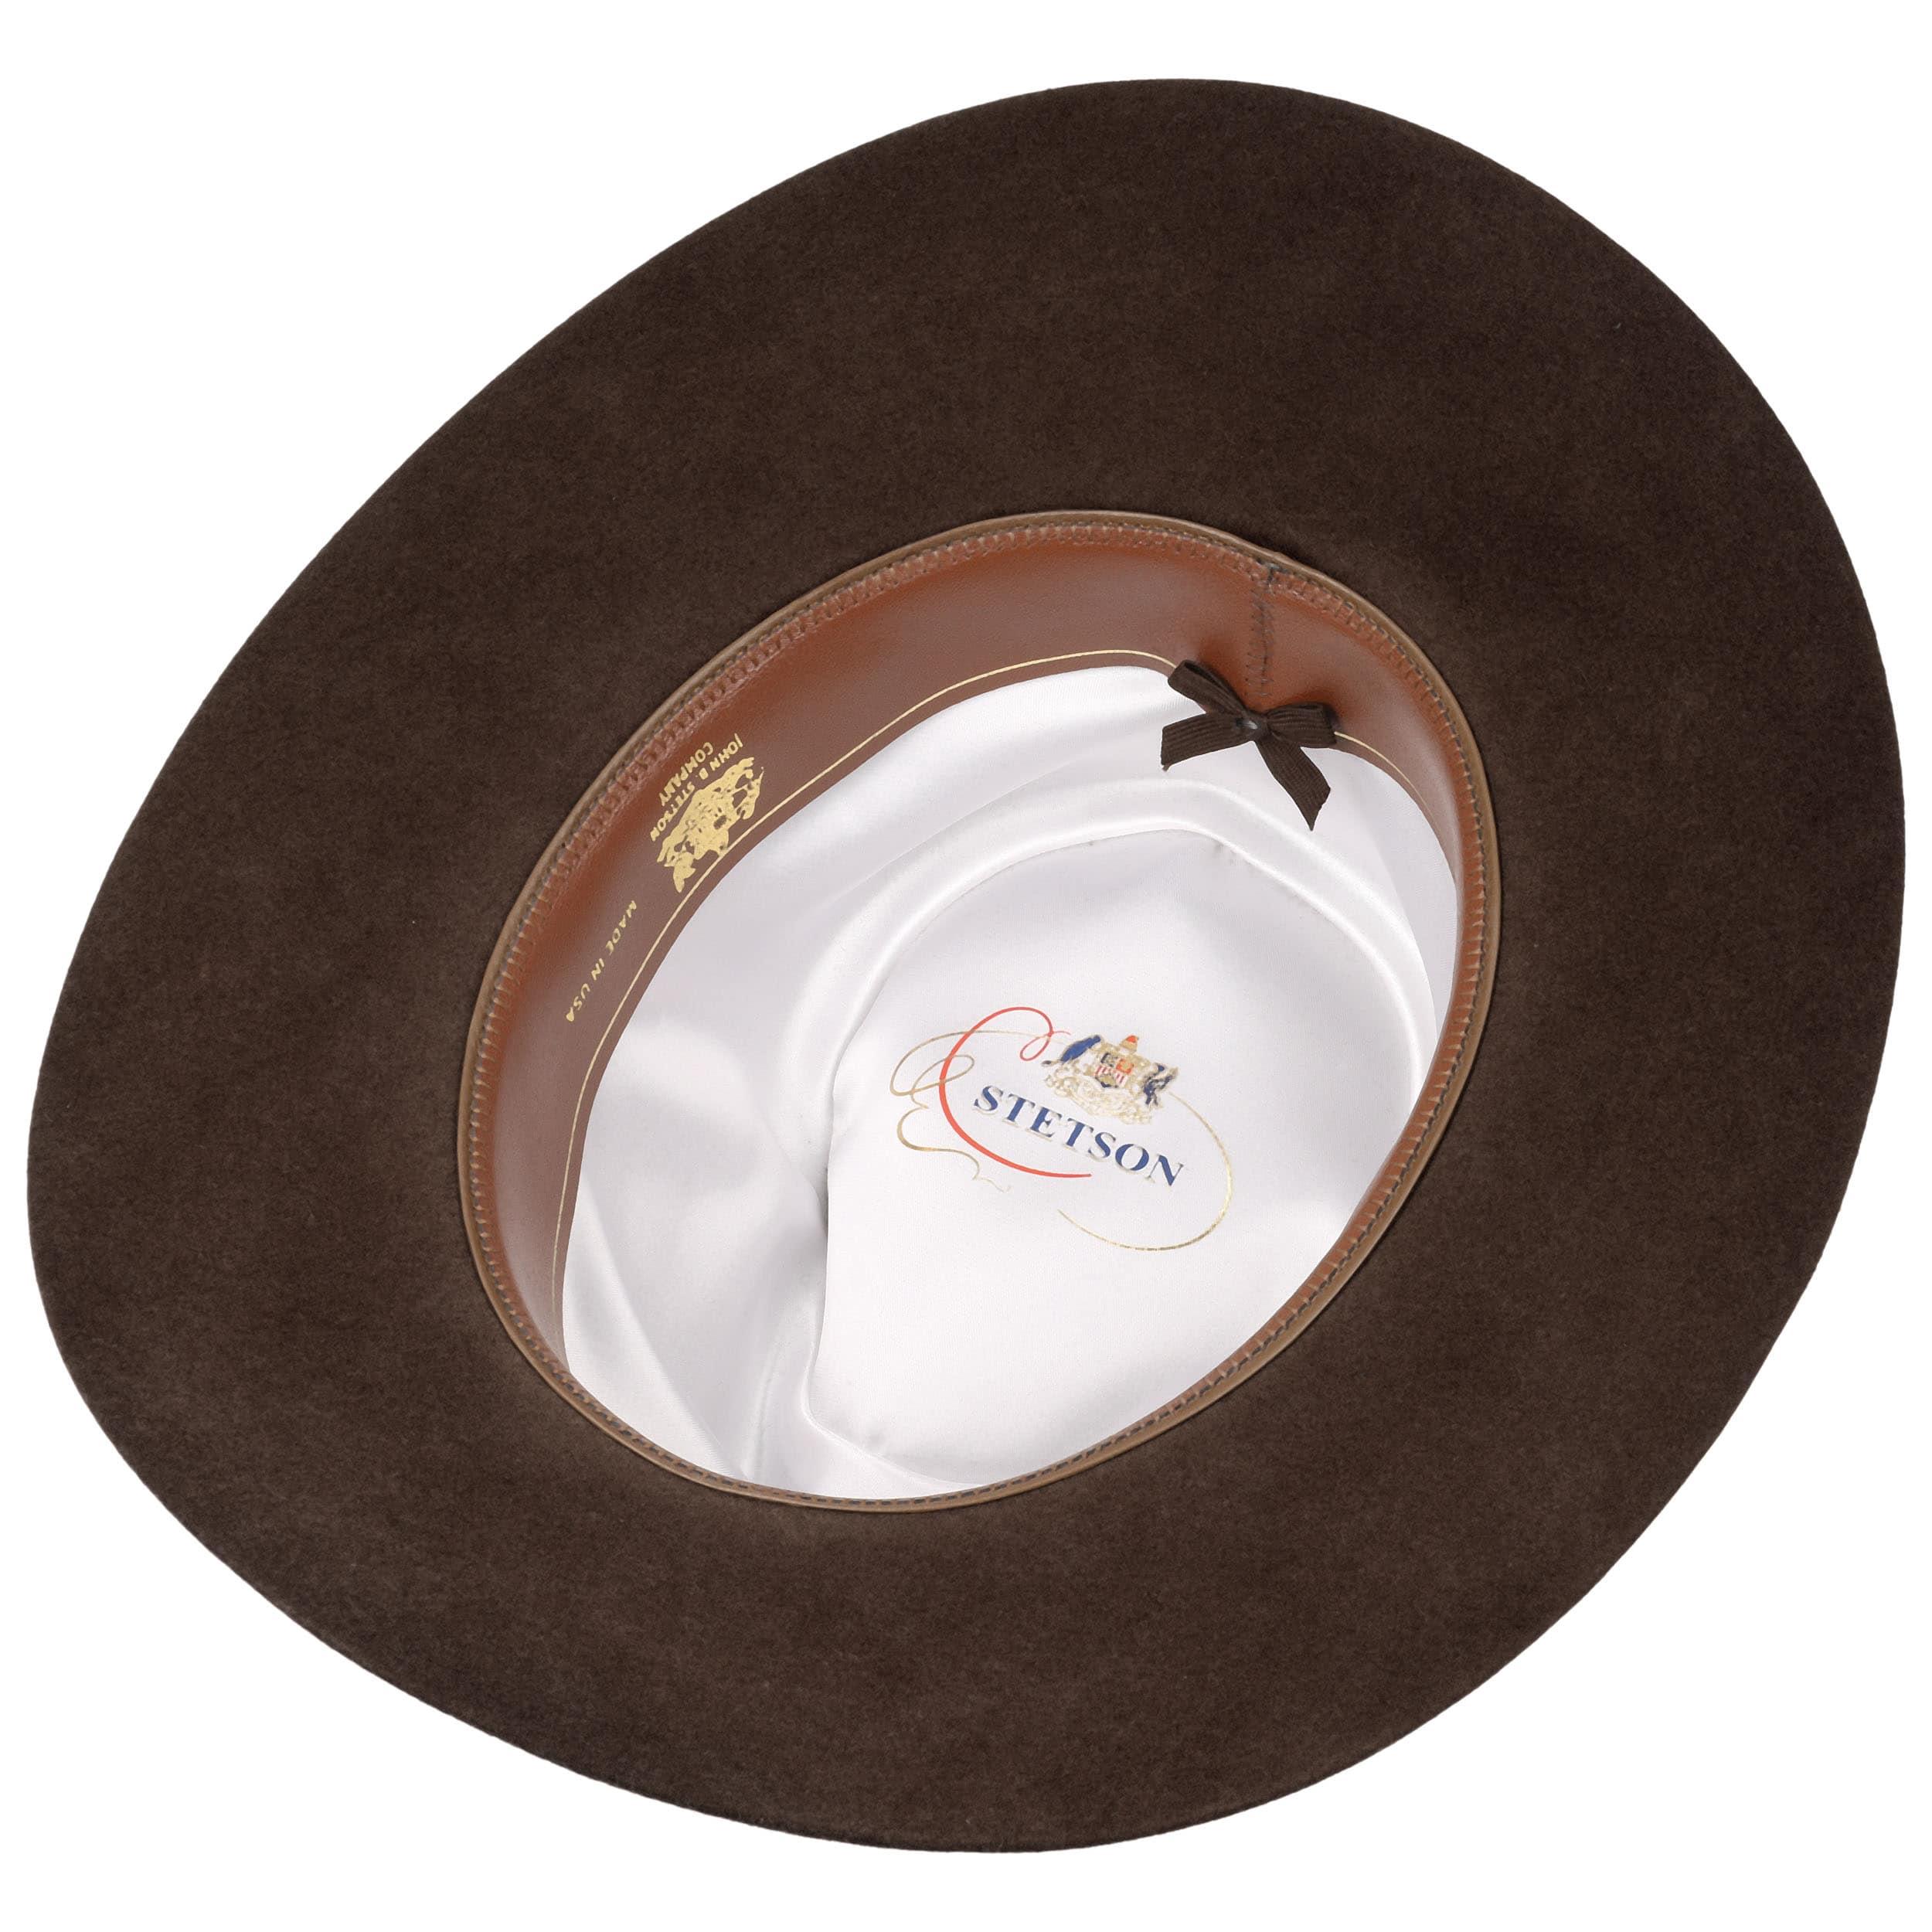 23259d42b8671 ... Llano 4X Fur Felt Western Hat by Stetson - dark brown 2 ...